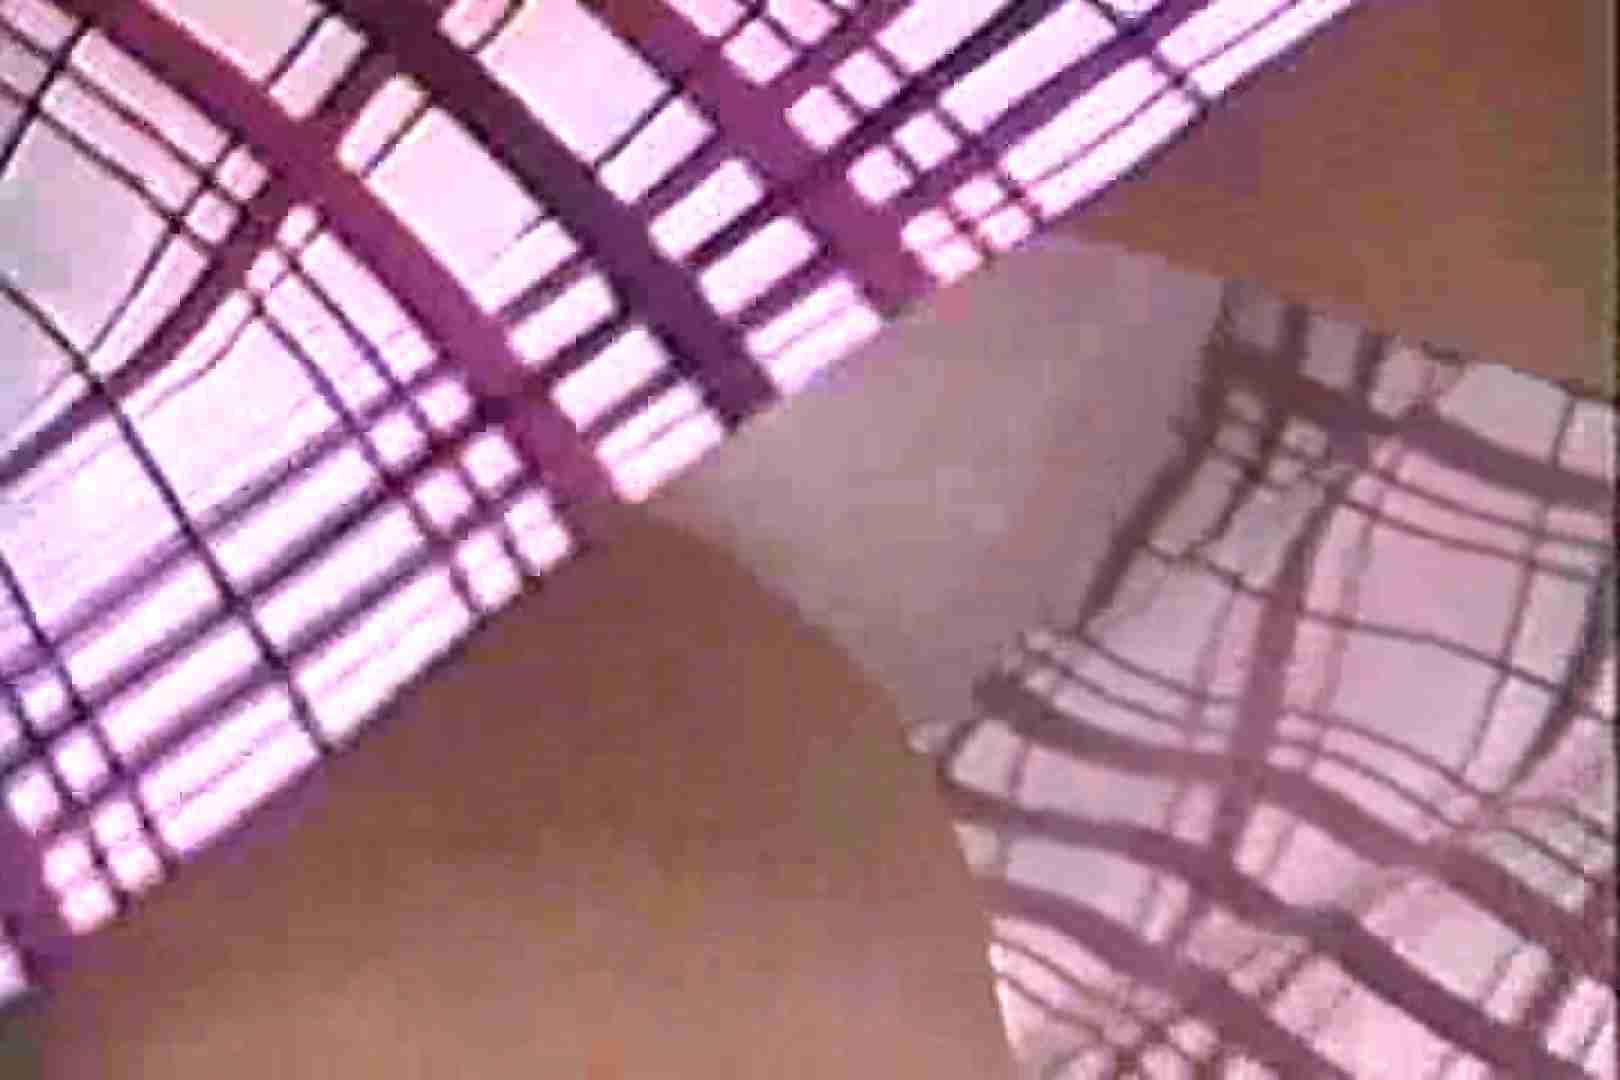 「ちくりん」さんのオリジナル未編集パンチラVol.1_01 独身エッチOL | チラ  92pic 81